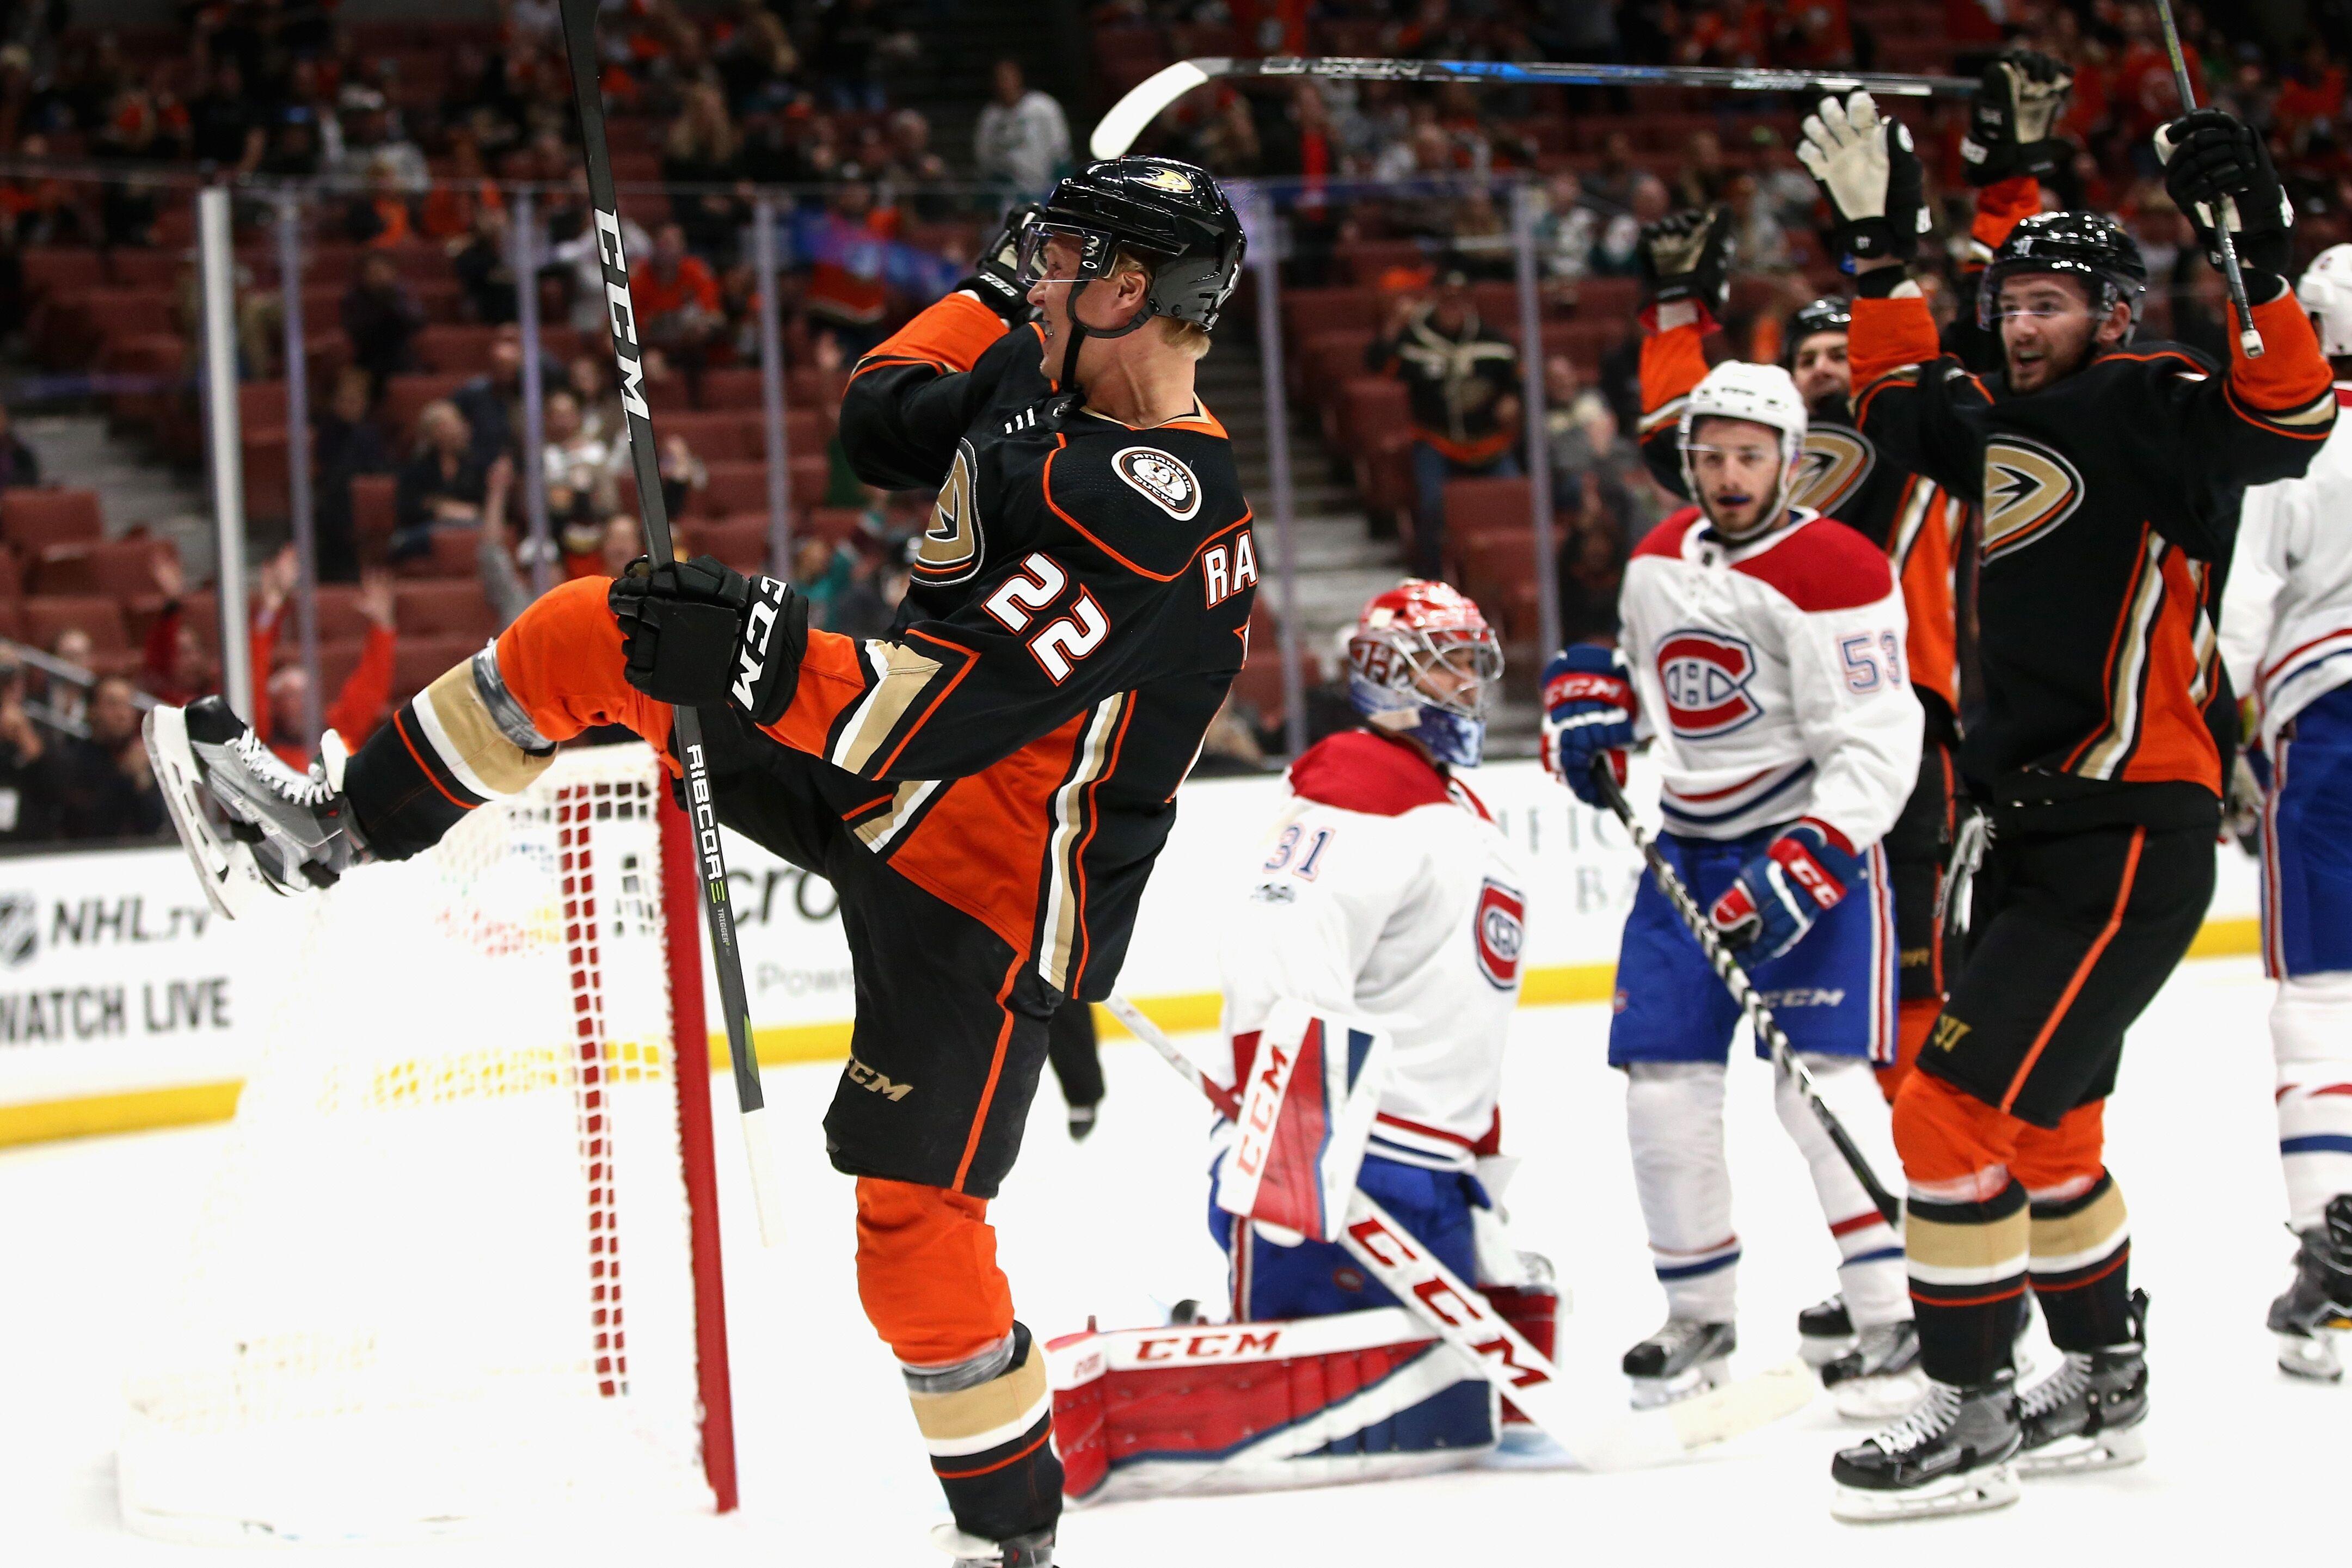 346d6b62471 Anaheim Ducks get quick start, blow by Canadiens 6-2